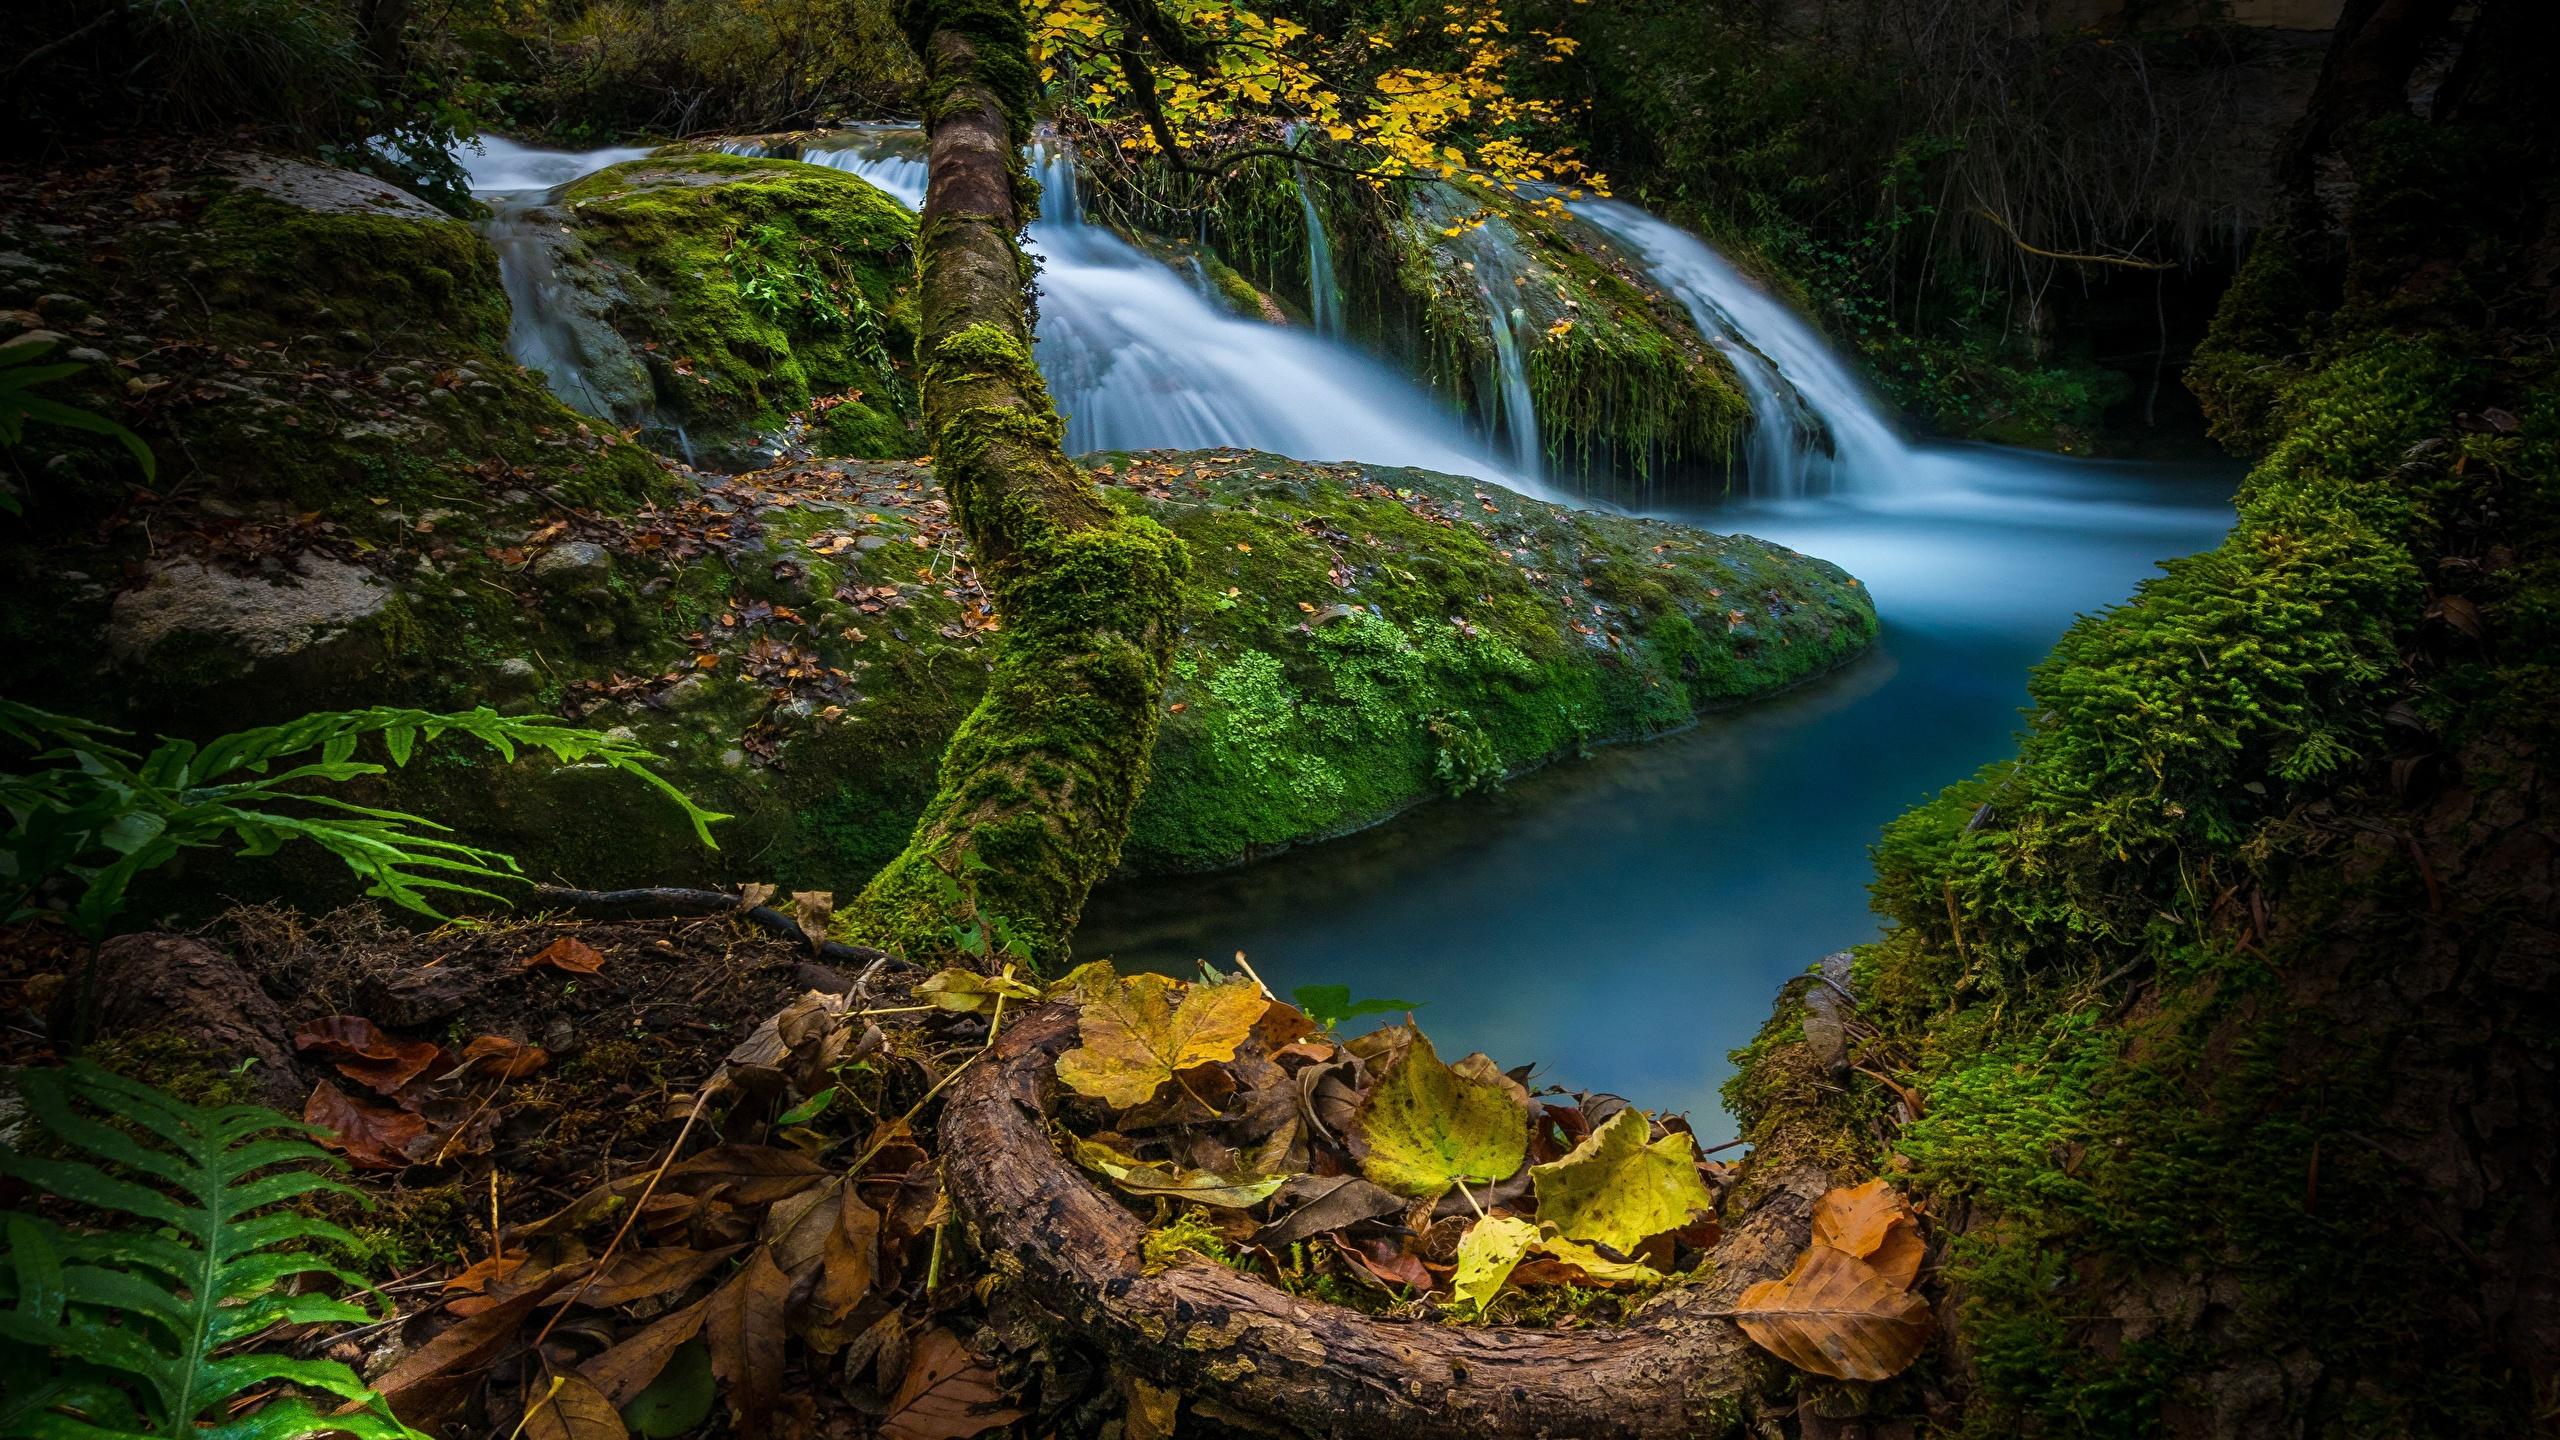 Картинки лист Испания Осень Природа Водопады мхом Камни 2560x1440 Листва Листья осенние Мох мха Камень